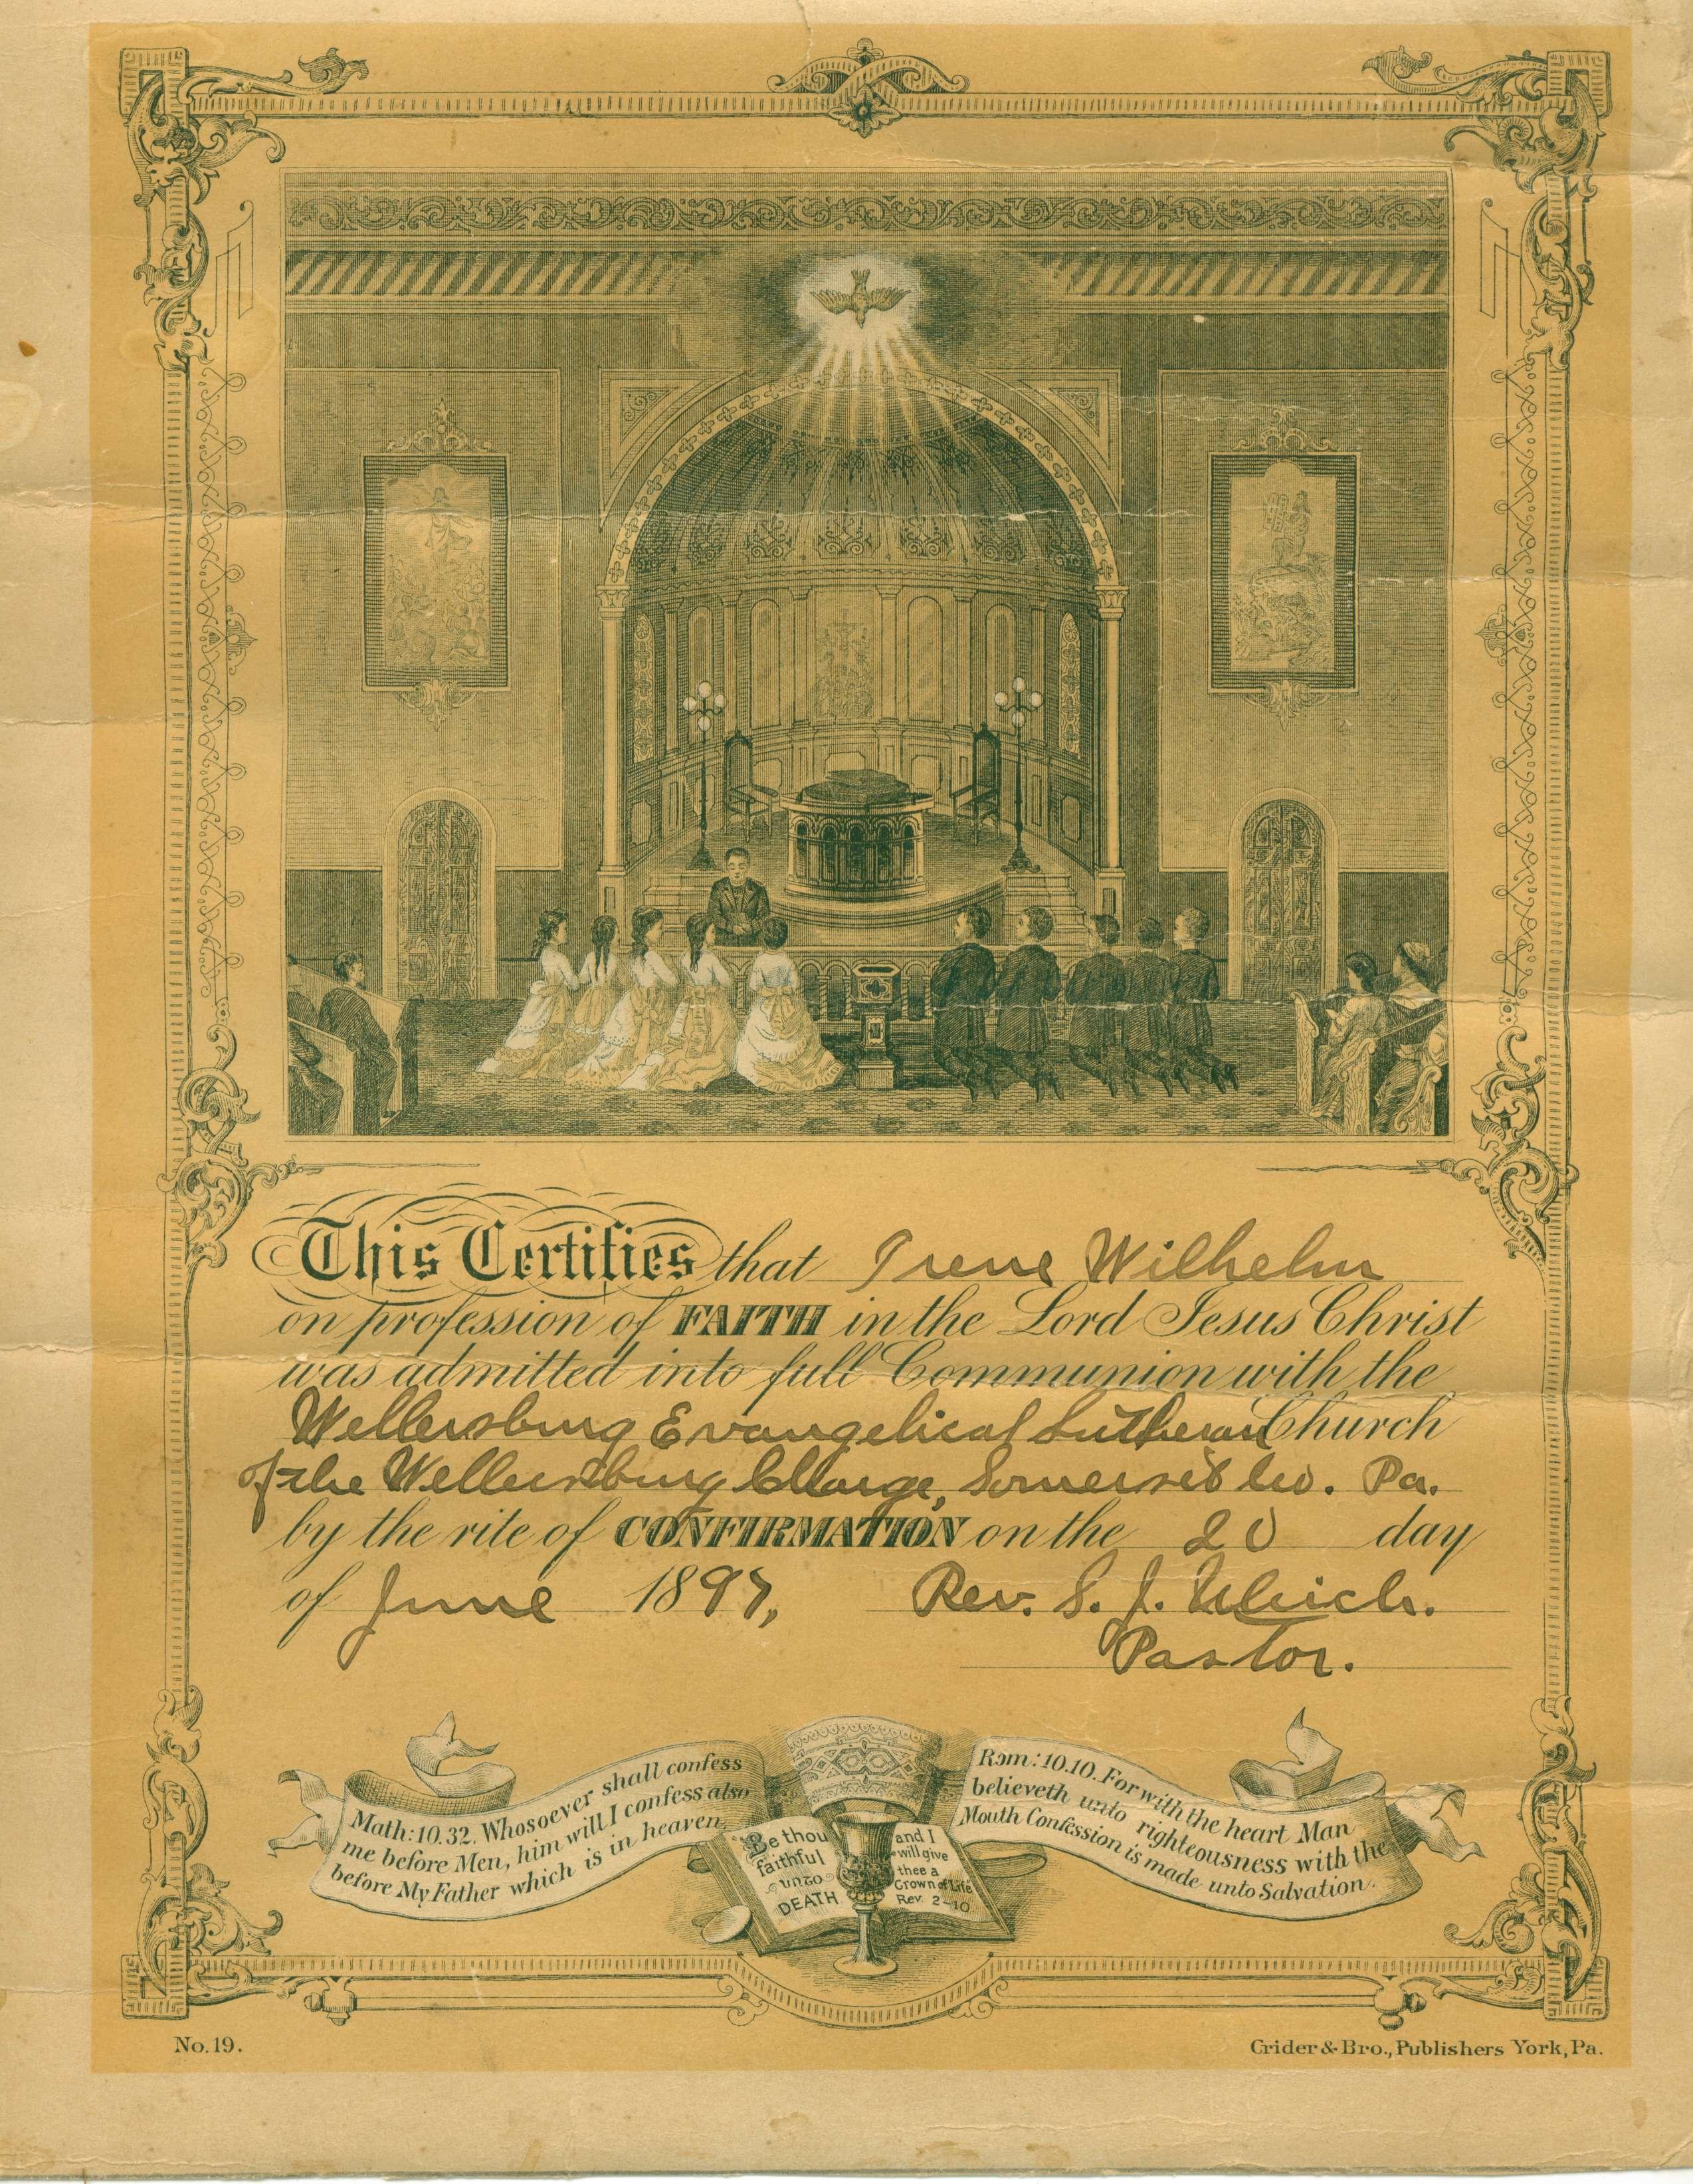 Irene Wilhelm membership certificate, Wellersburg PA